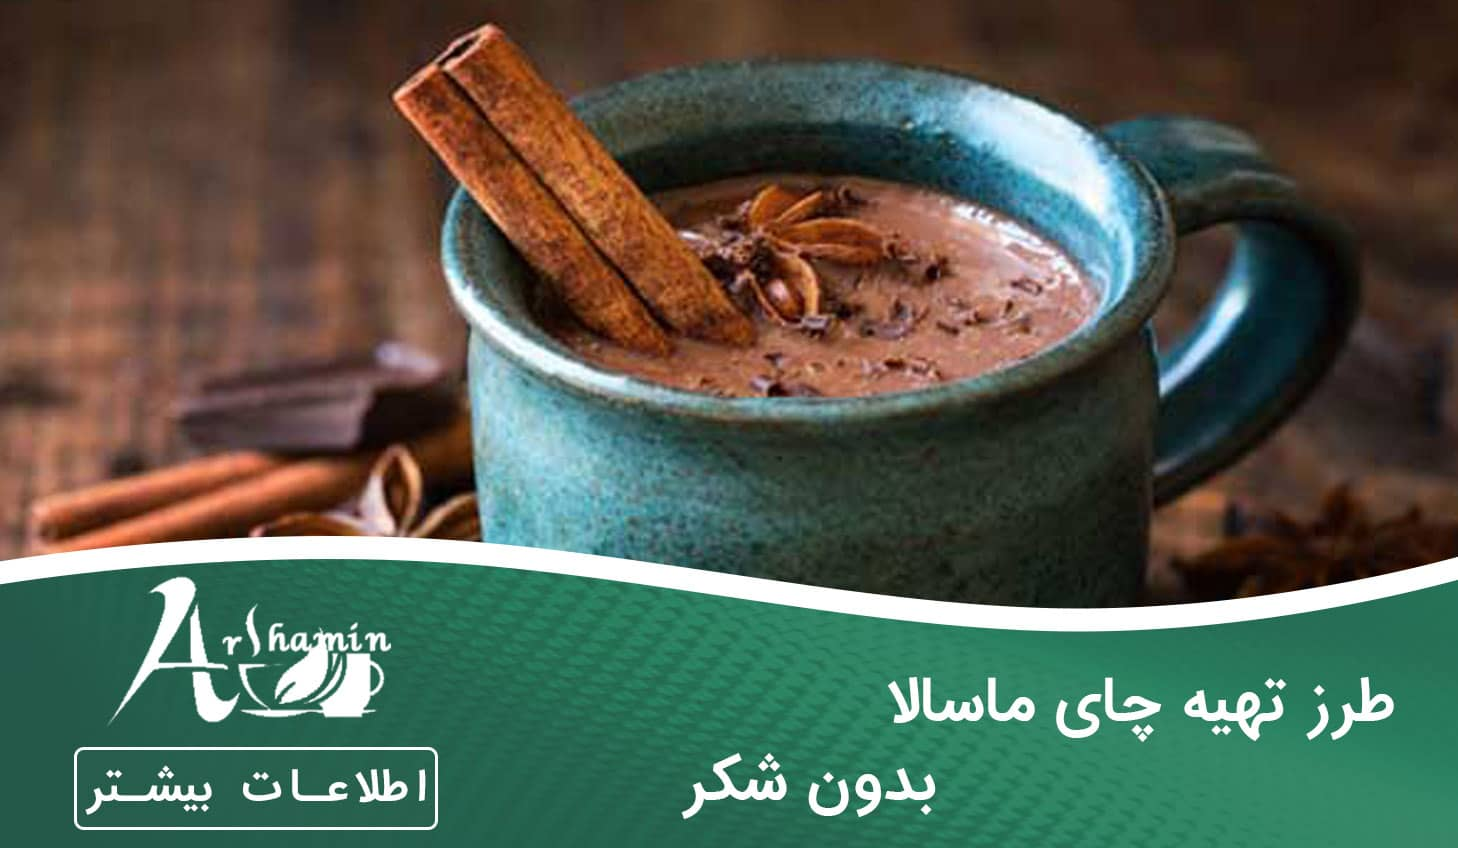 طرز تهیه چای ماسالا بدون شکر